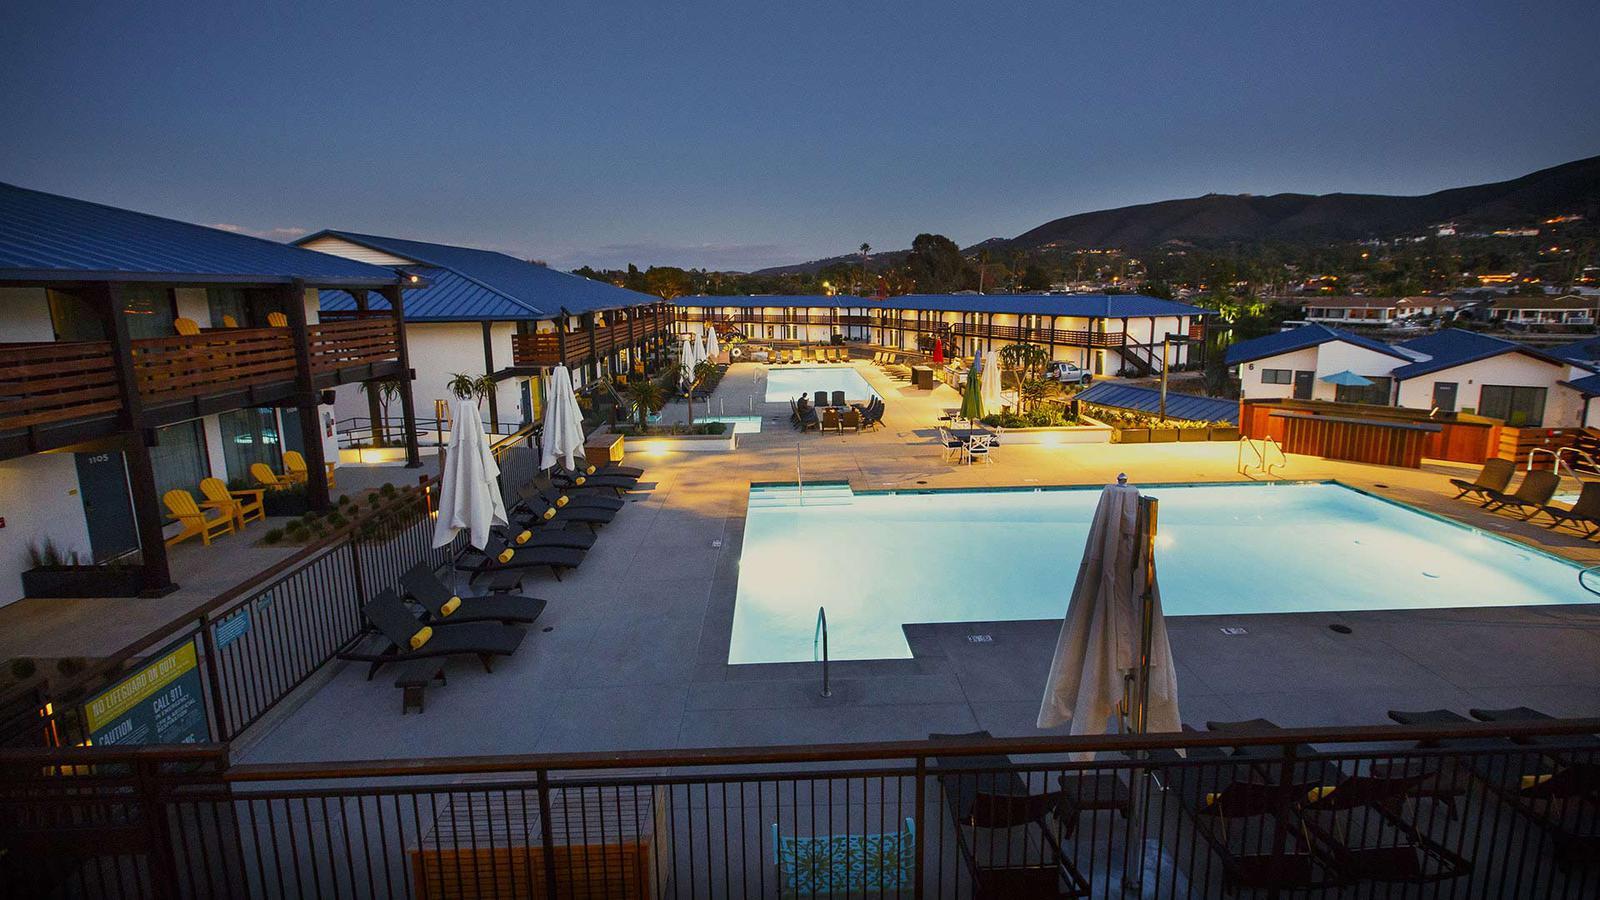 Lakehouse Resort San Marcos